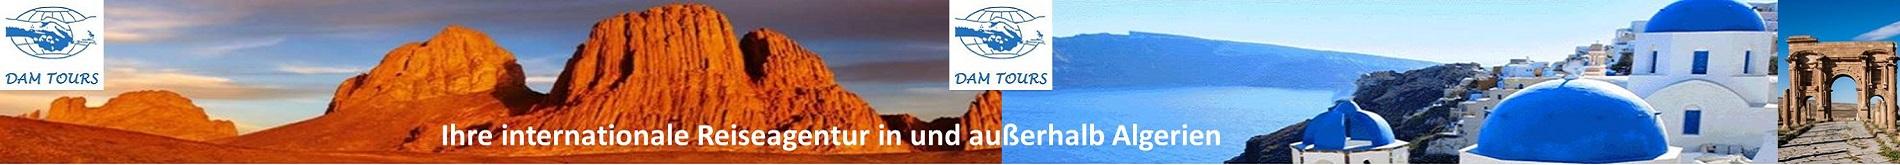 Dam Tours oben breit